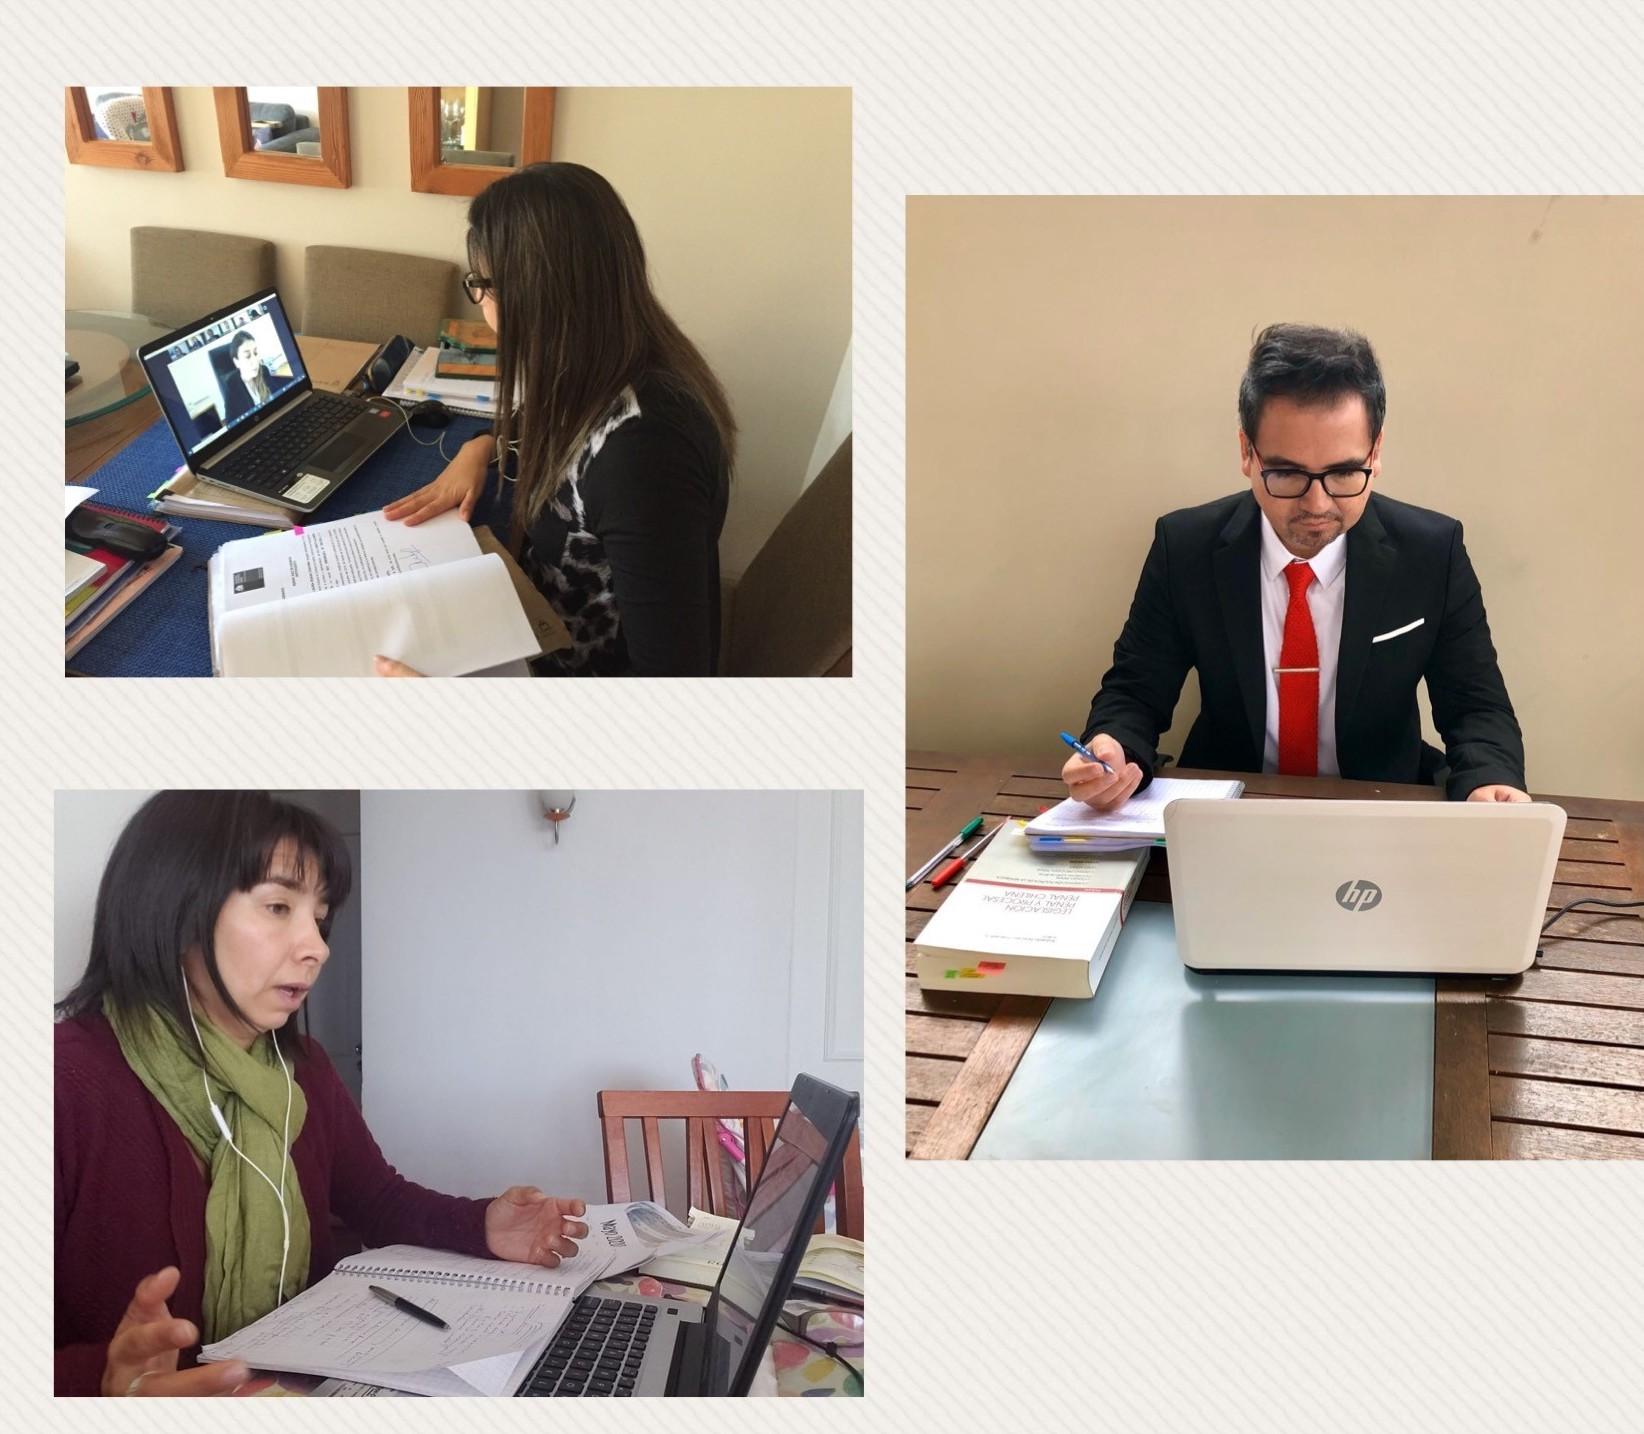 CAVI Antofagasta brinda cobertura regional a todo tipo de audiencias